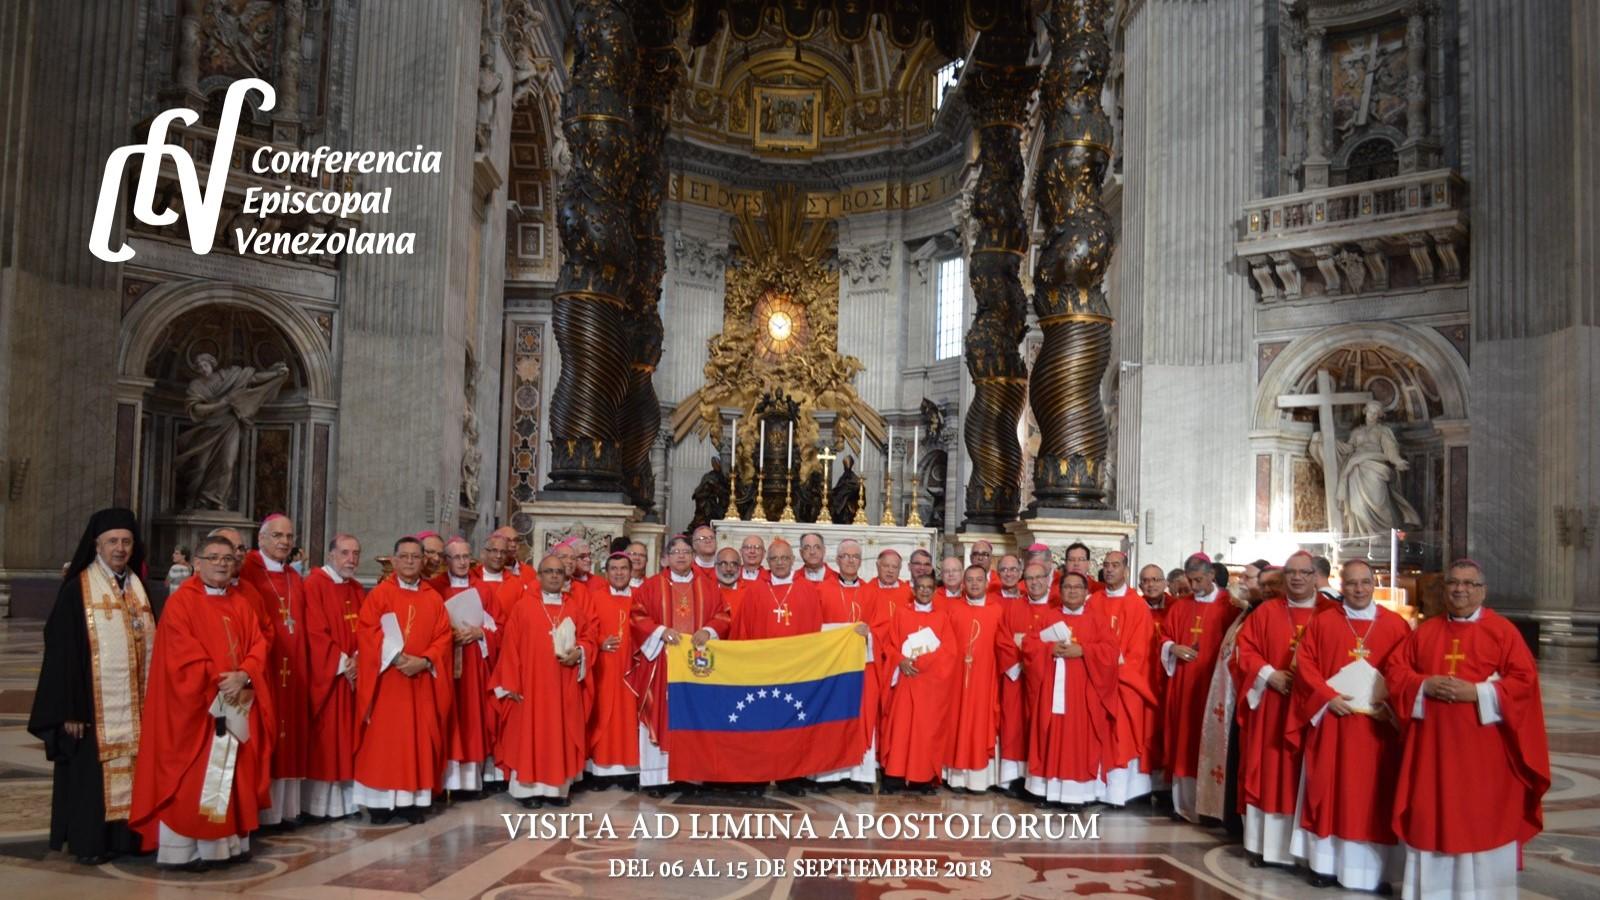 Visita Ad Limina Apostolorum de los Obispos de Venezuela © Conferencia Episcopal Venezolana